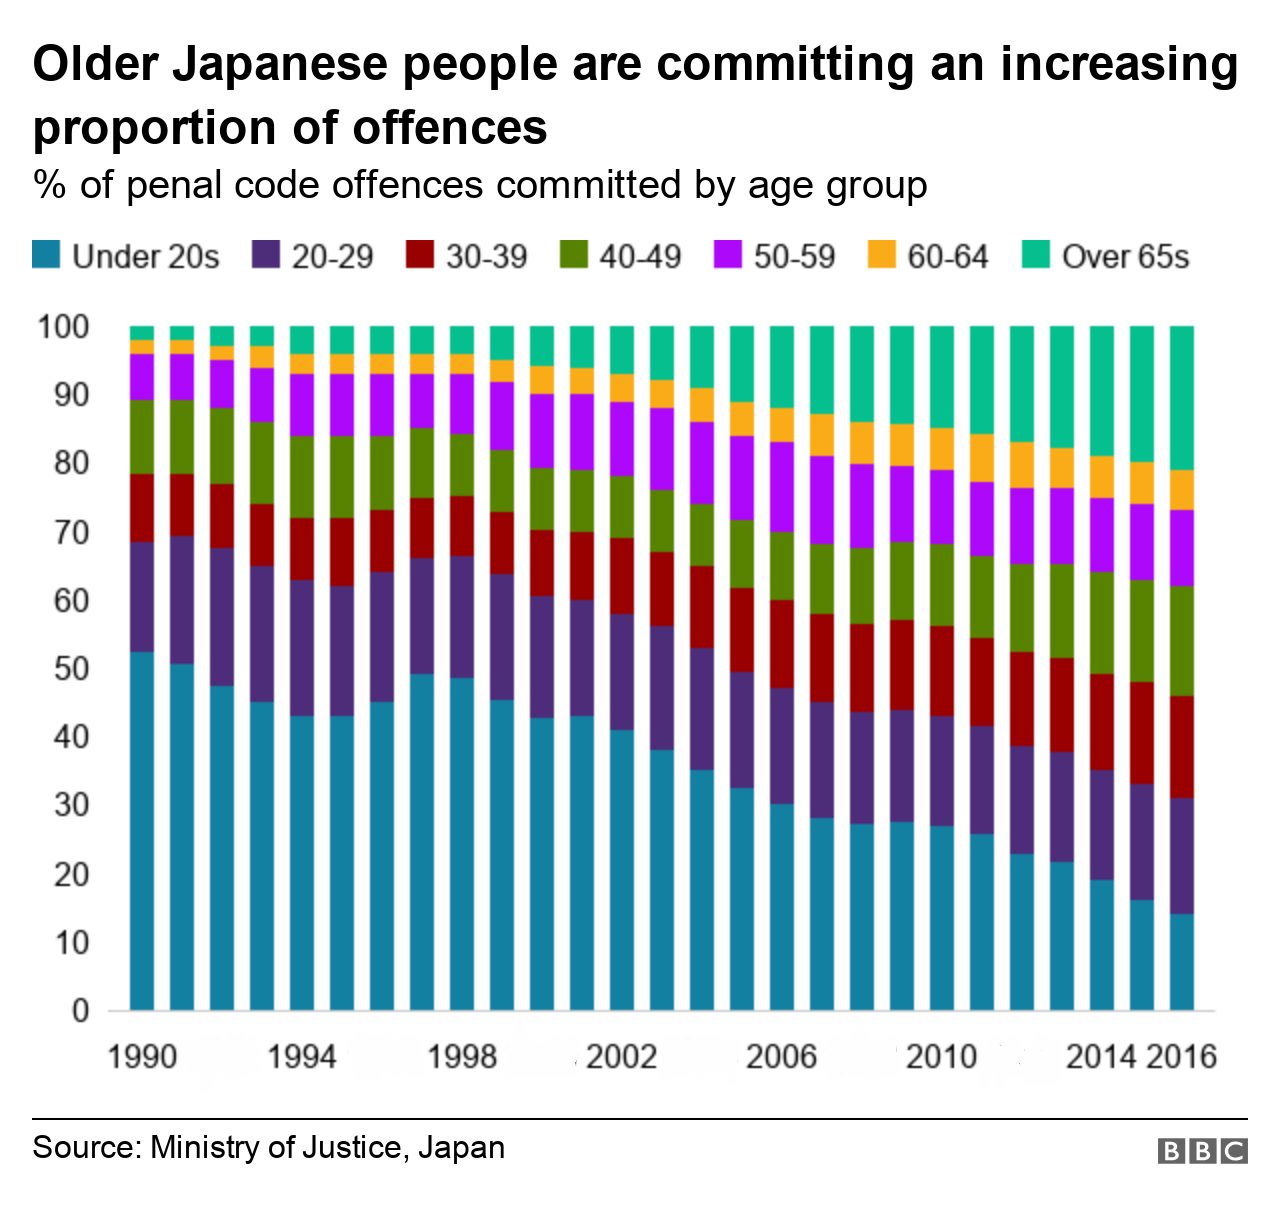 65歳以上の高齢者が起こす犯罪の比率が急上